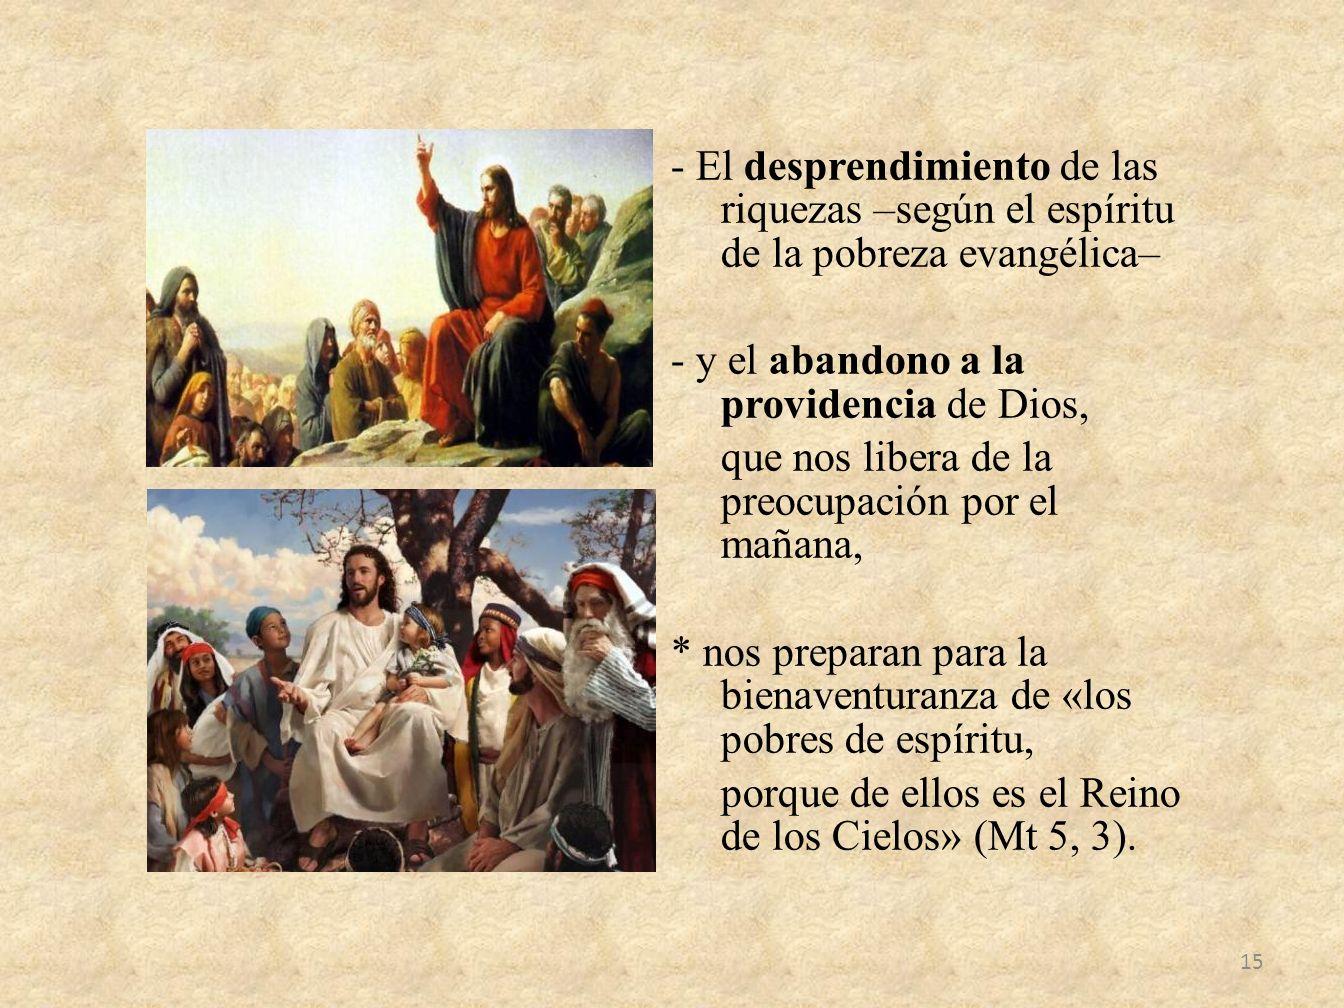 - El desprendimiento de las riquezas –según el espíritu de la pobreza evangélica– - y el abandono a la providencia de Dios, que nos libera de la preocupación por el mañana, * nos preparan para la bienaventuranza de «los pobres de espíritu, porque de ellos es el Reino de los Cielos» (Mt 5, 3).